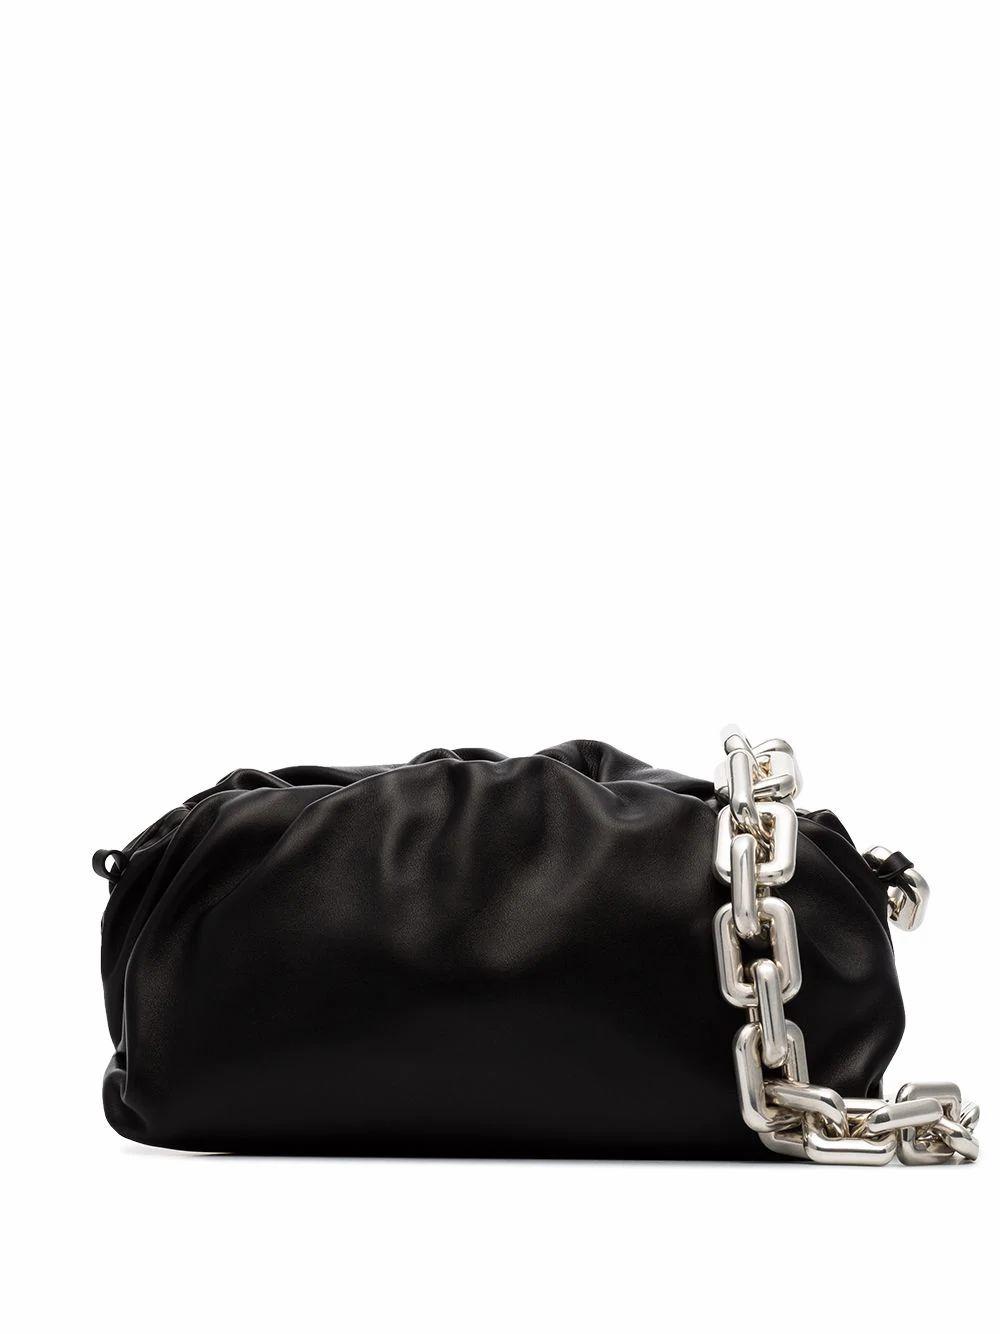 Bottega Veneta BOTTEGA VENETA WOMEN'S BLACK LEATHER SHOULDER BAG